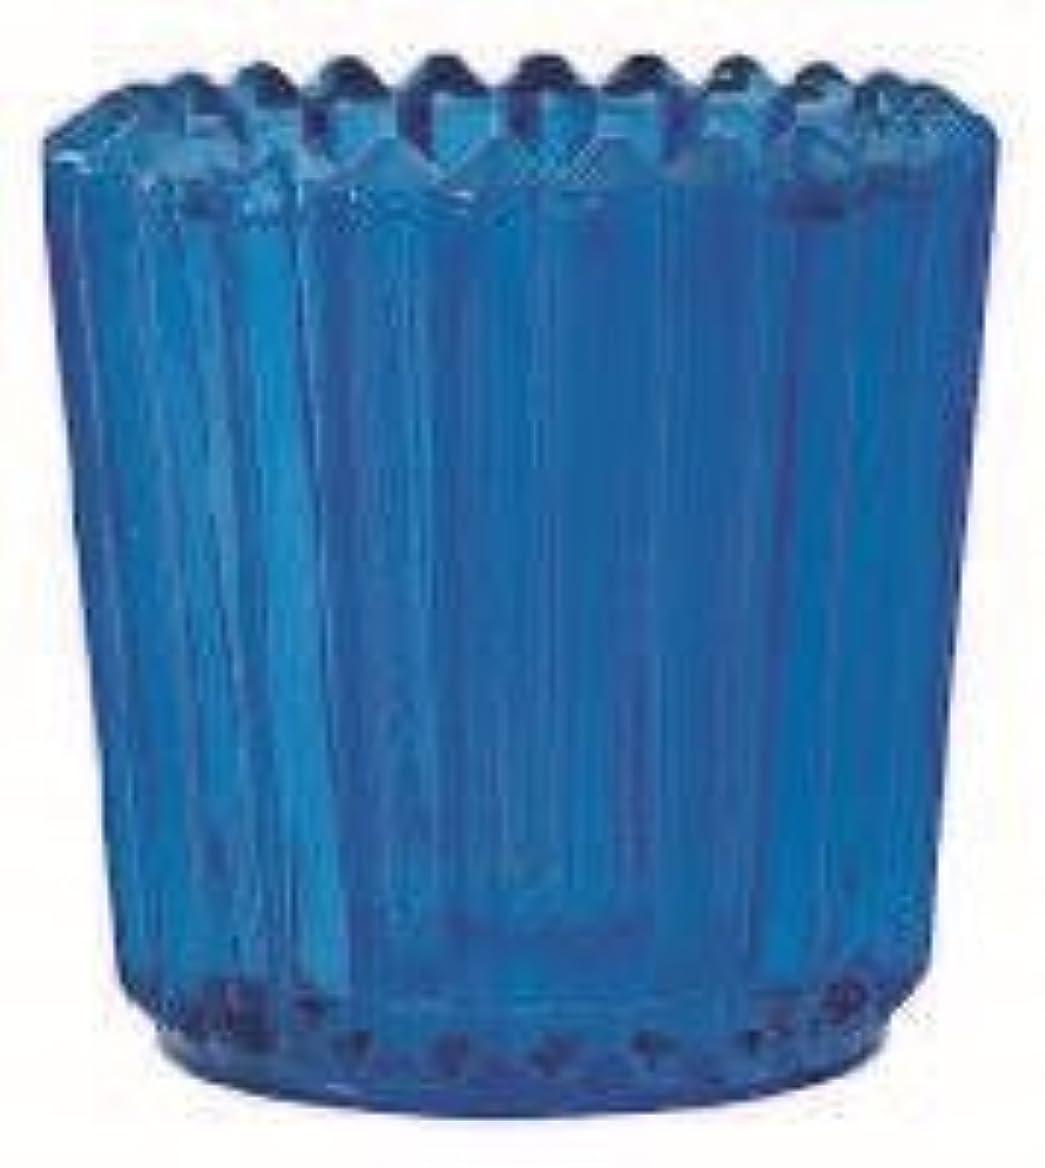 確保するステージ支店カメヤマキャンドル( kameyama candle ) ソレイユ 「 ブルー 」